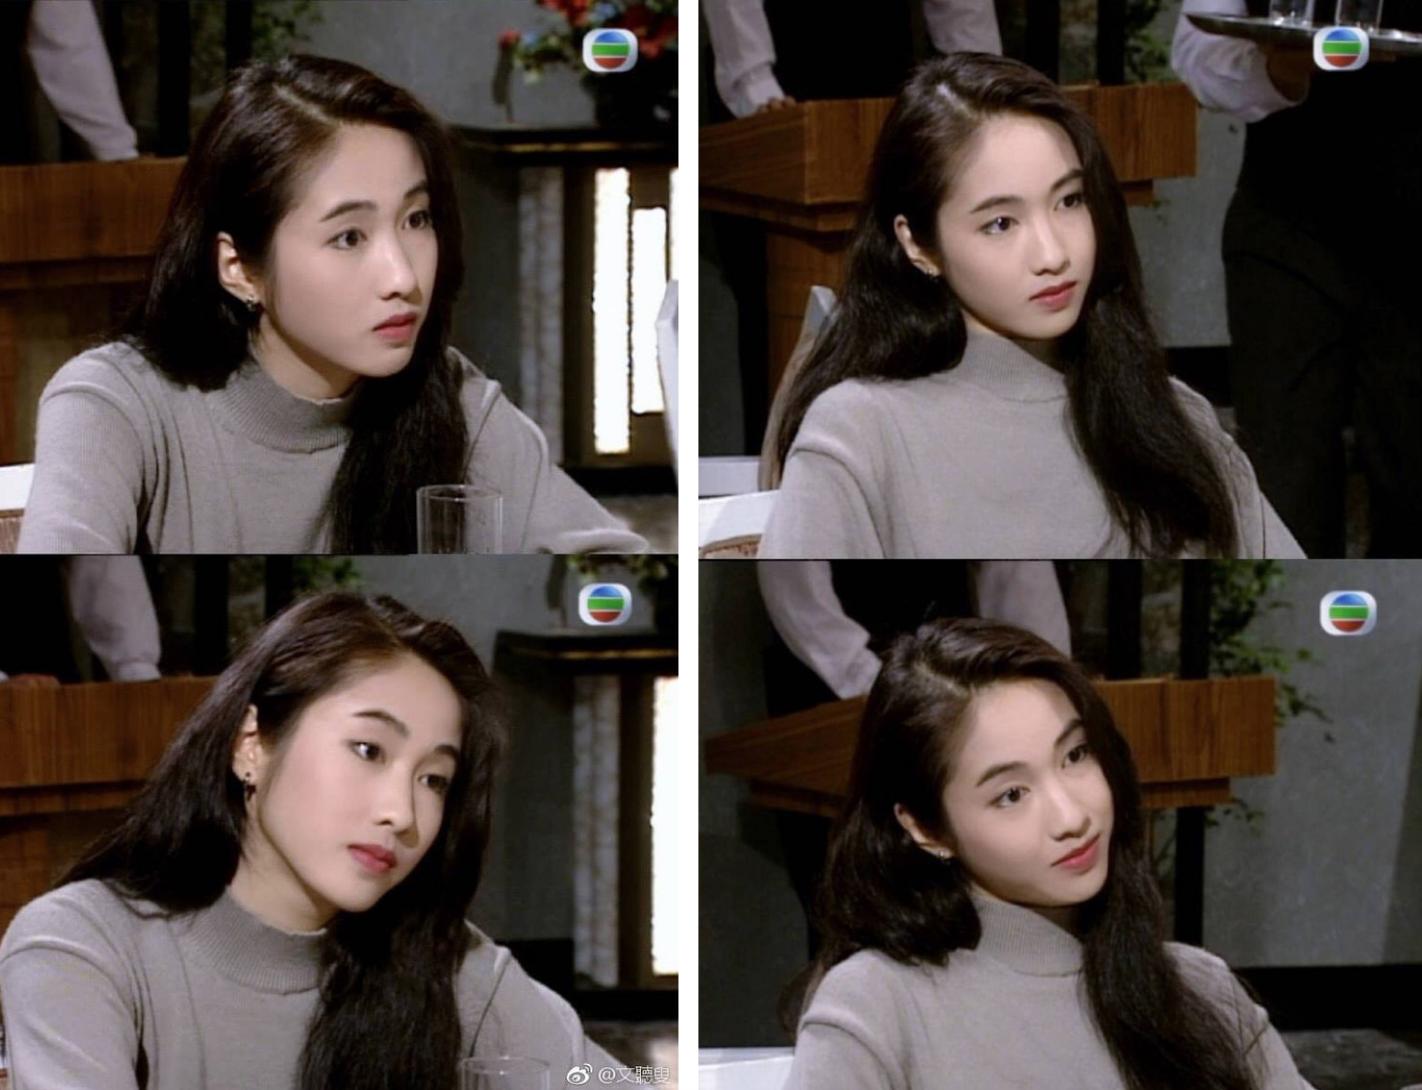 Mấy chục năm nhìn lại, cách makeup của loạt mỹ nhân TVB ngày xưa vẫn đẹp và vào mắt thế không biết - Ảnh 3.